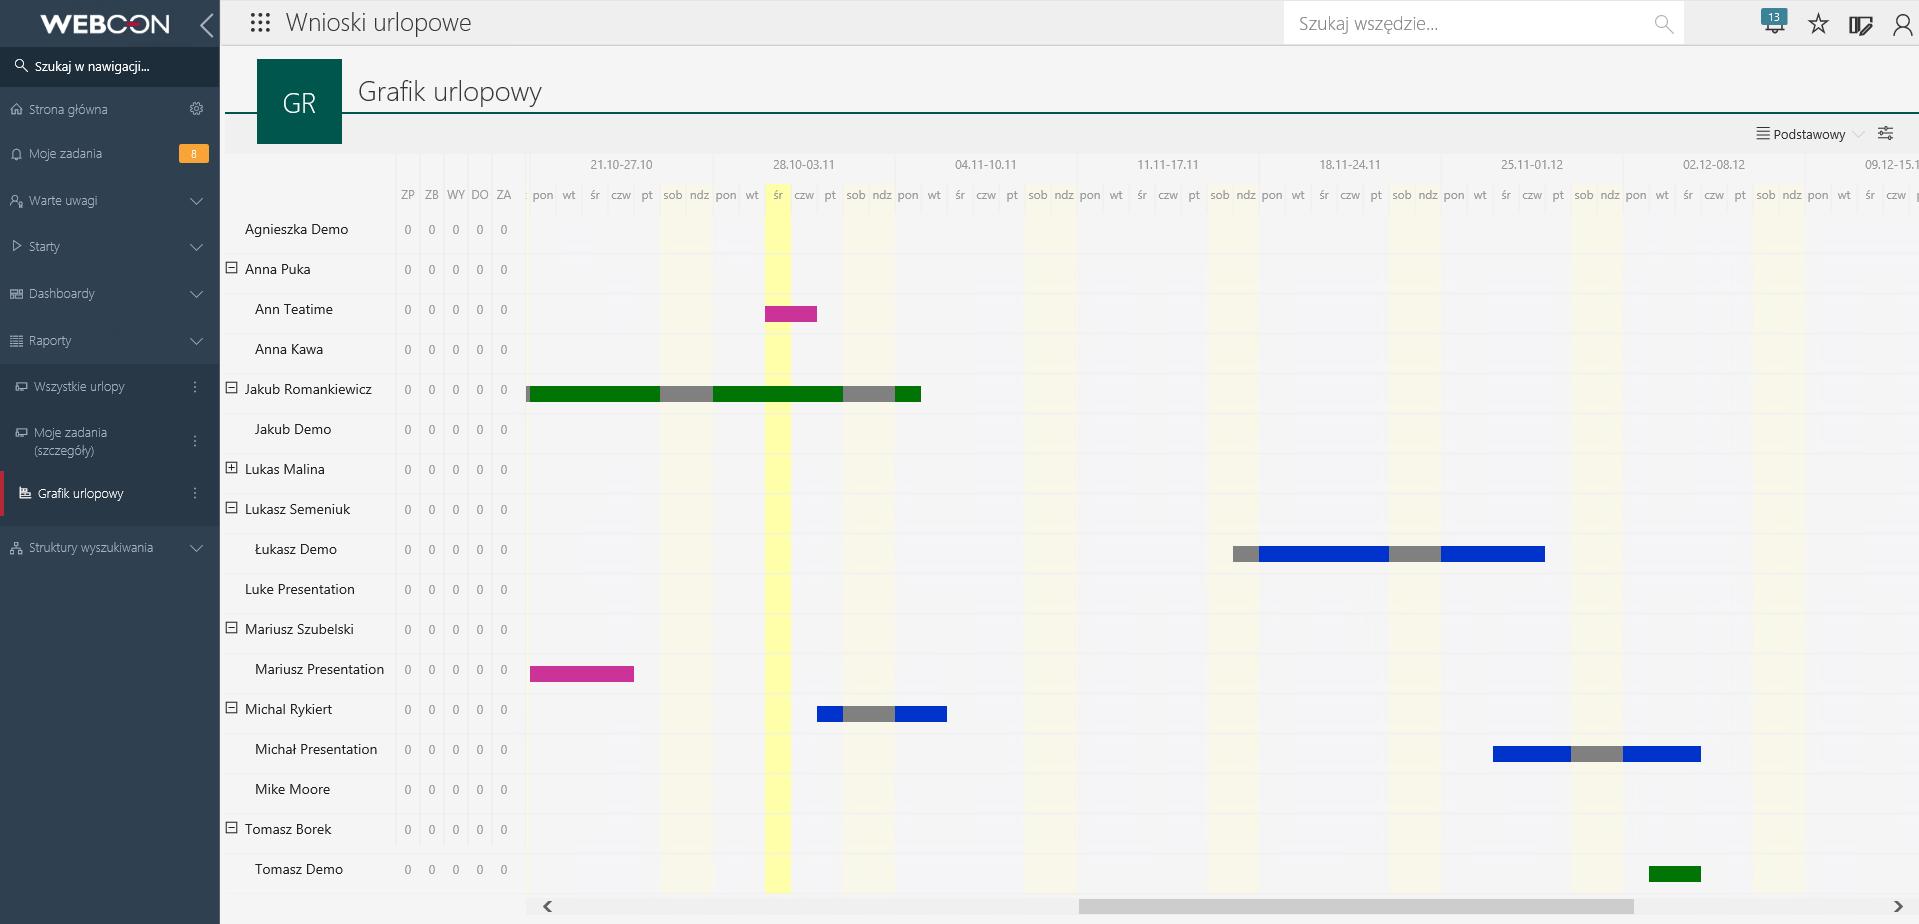 grafik urlopowy w WEBCON BPS